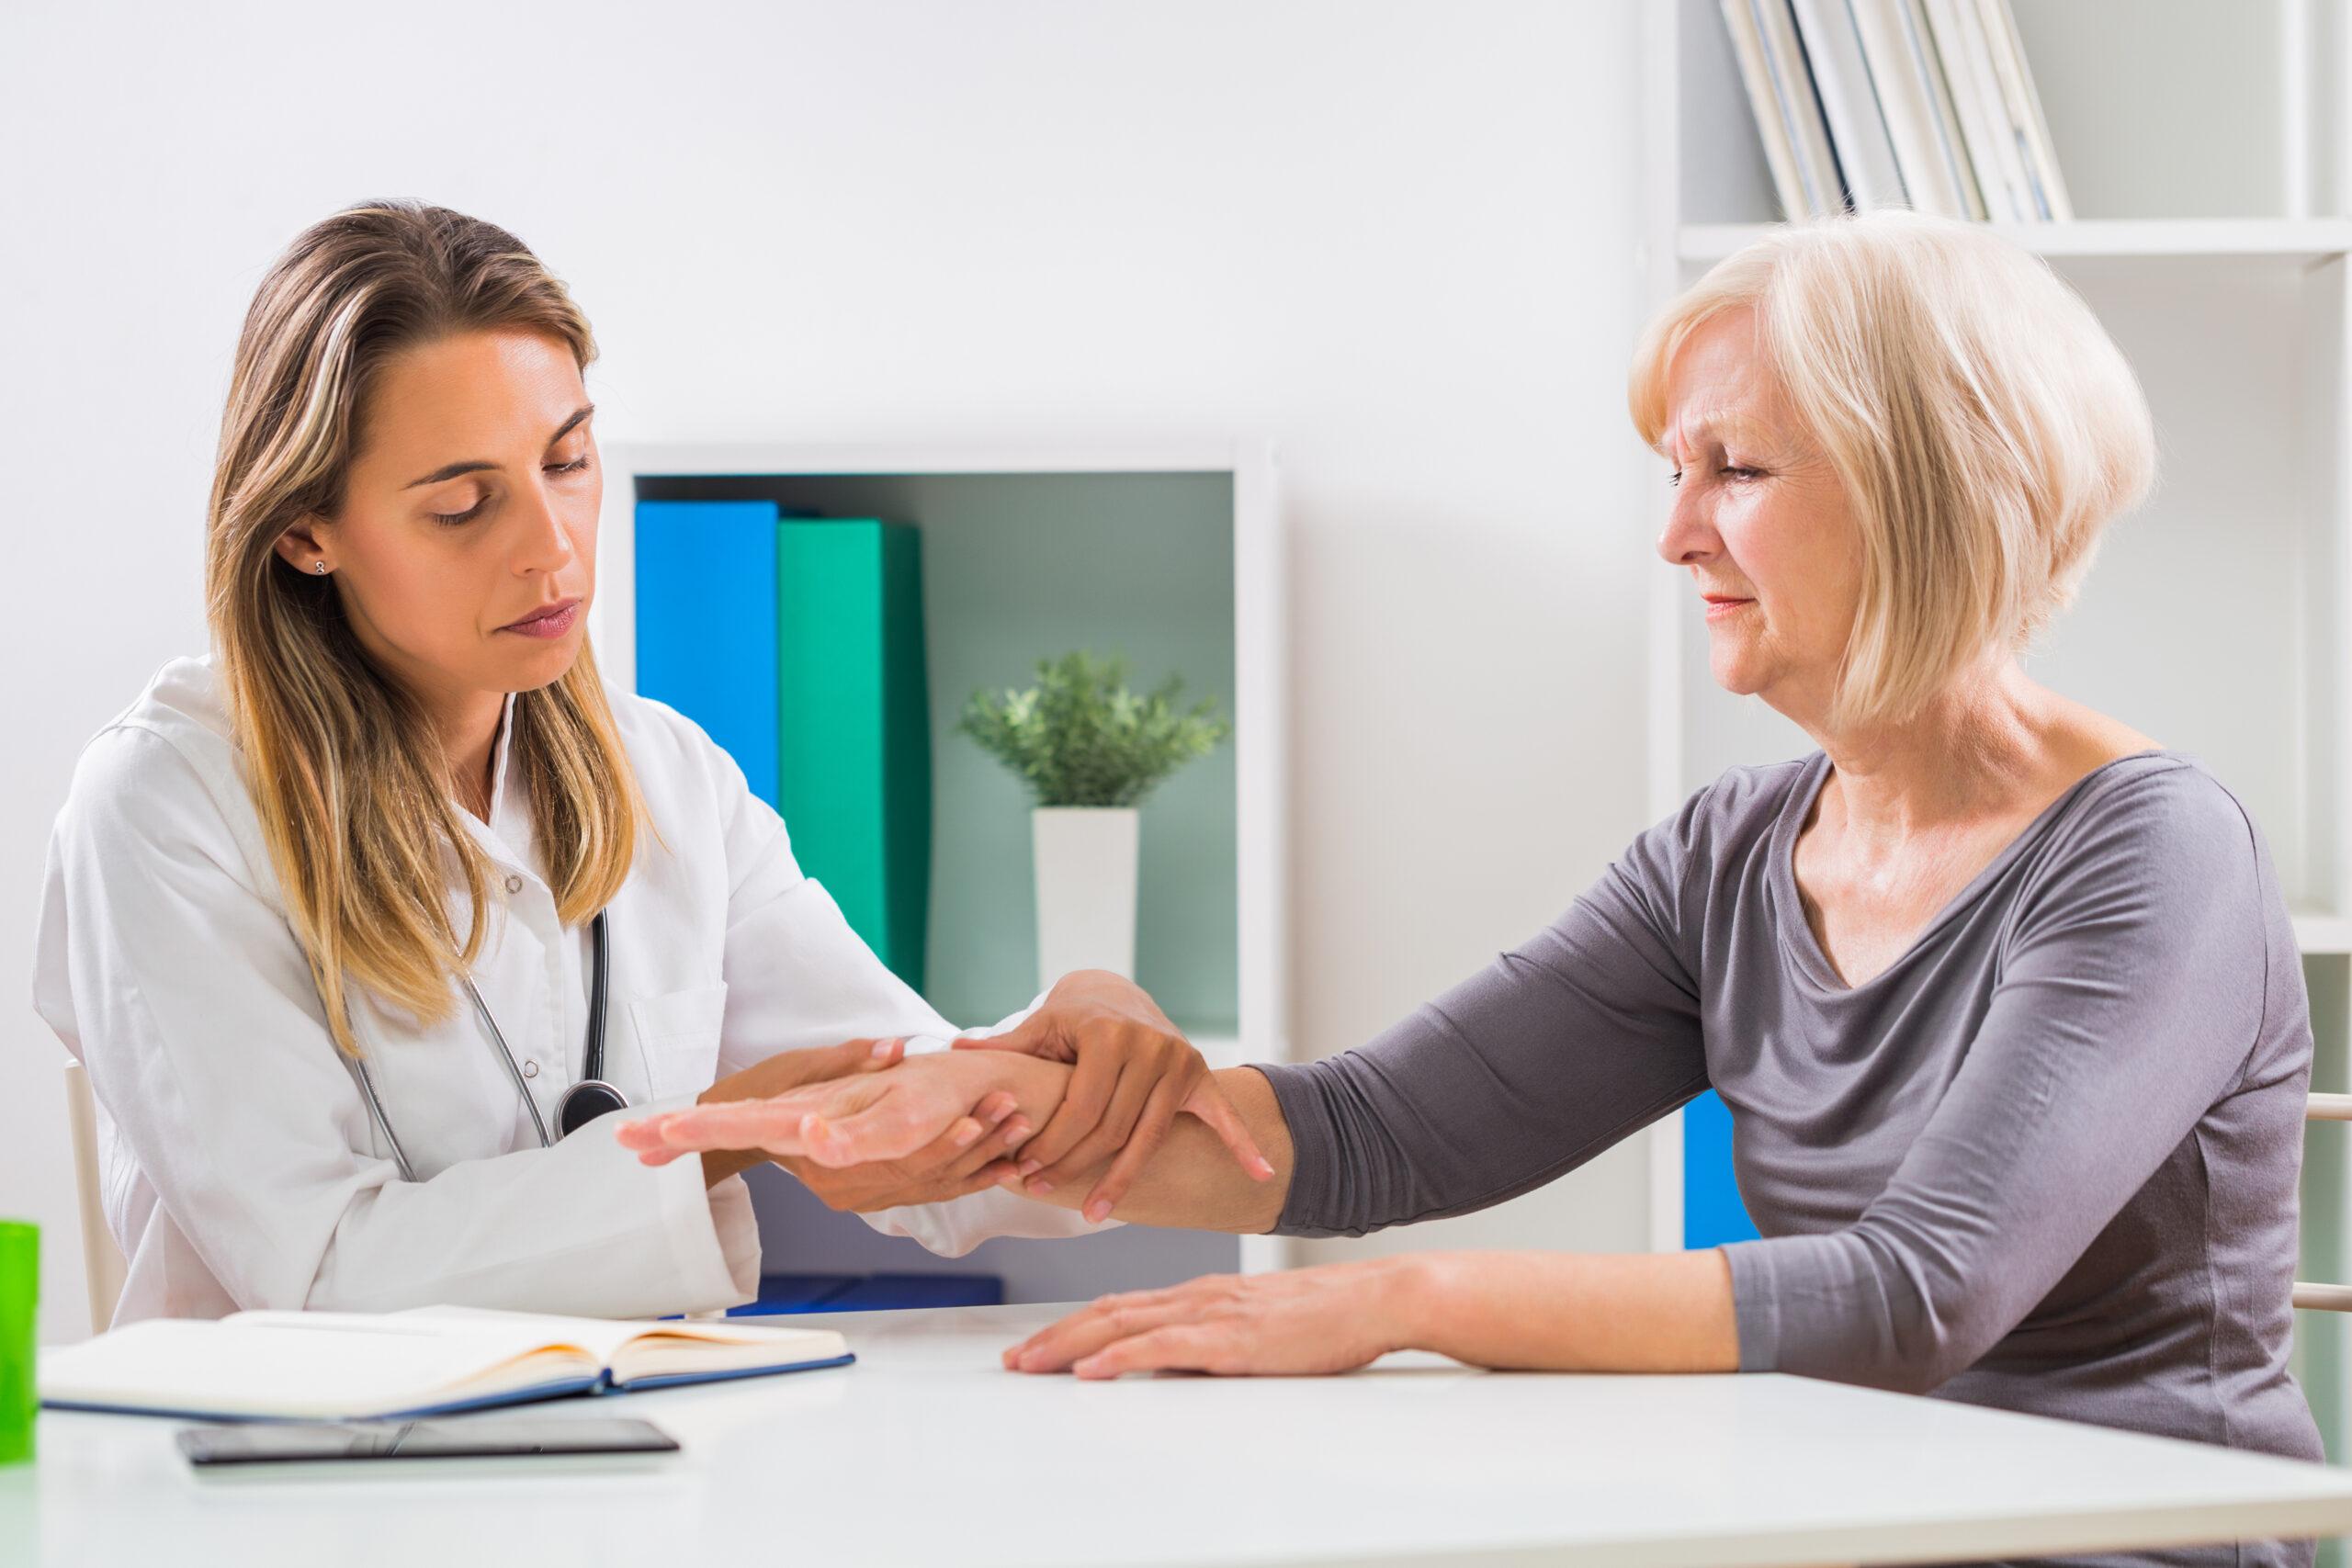 Ces 6 groupes ont un risque accru d'ostéoporose